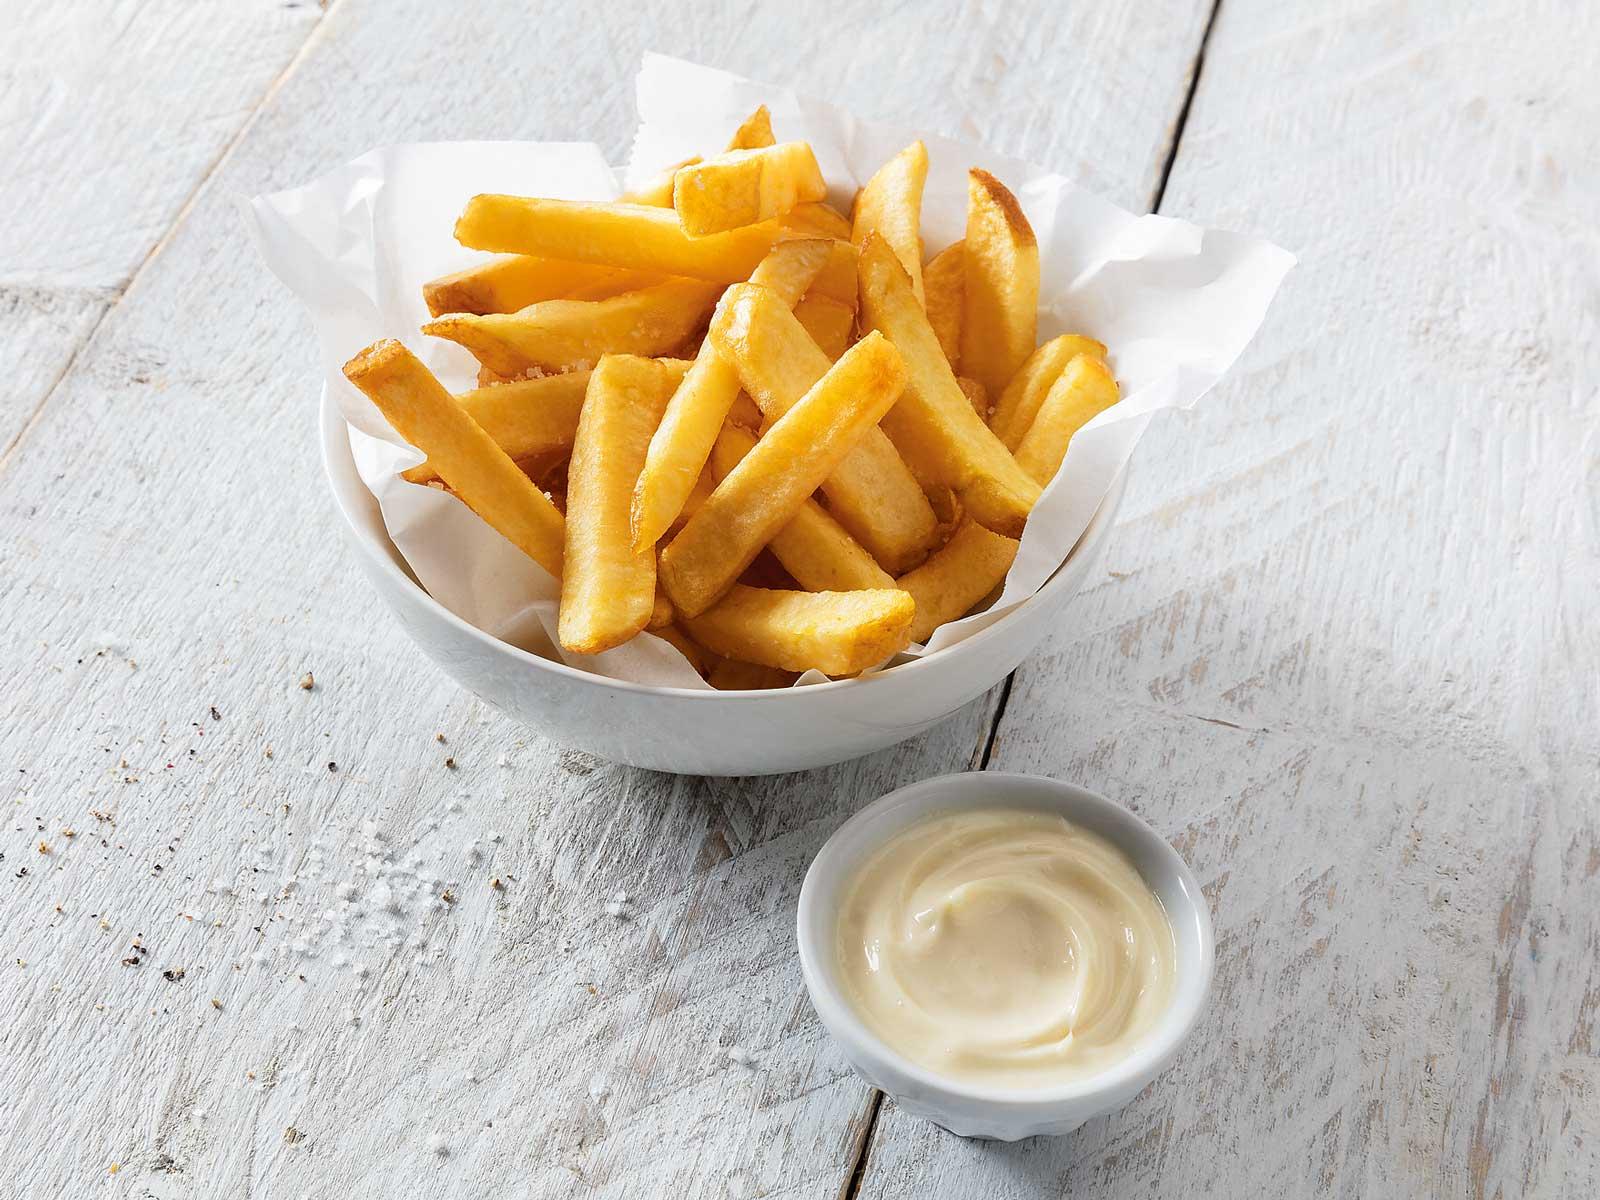 Pommes frites med majonnäs är populärt här.